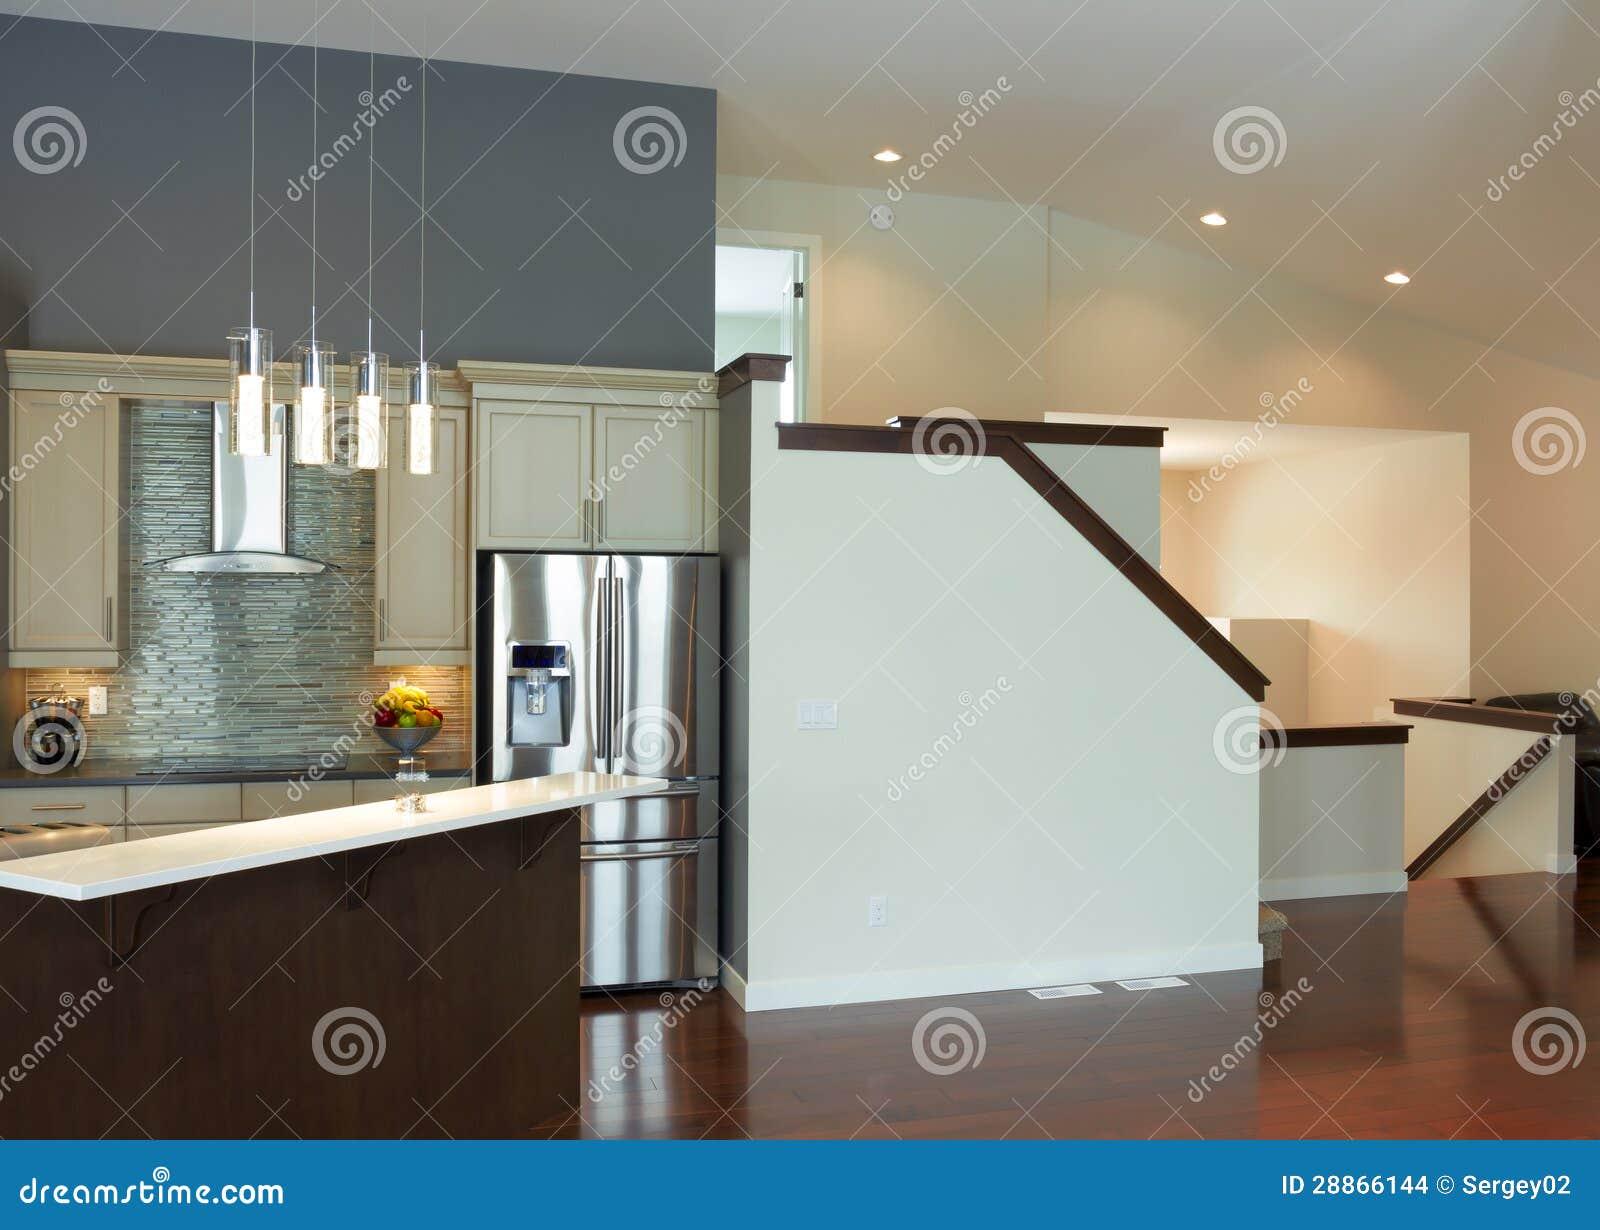 Dise o interior de la cocina moderna imagenes de archivo - La cocina moderna ...